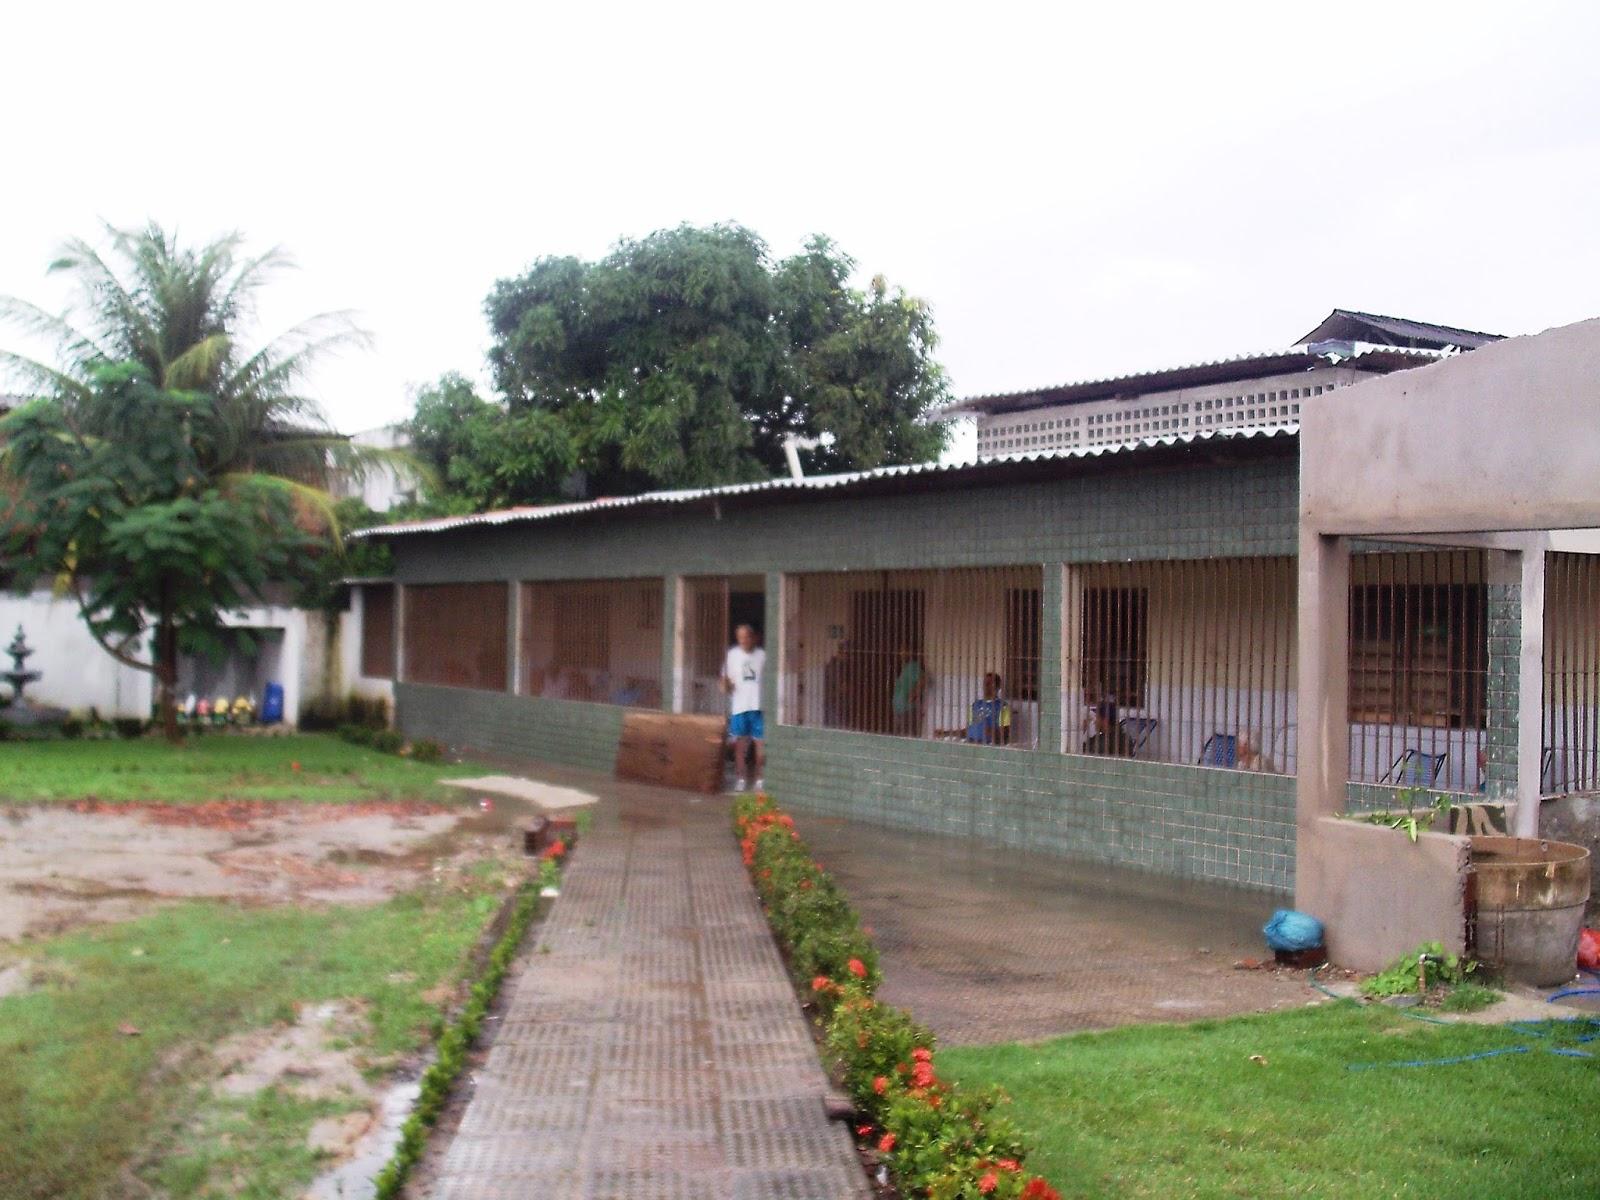 Abrigo de idosos construído com venda de materiais recicláveis completa nove anos